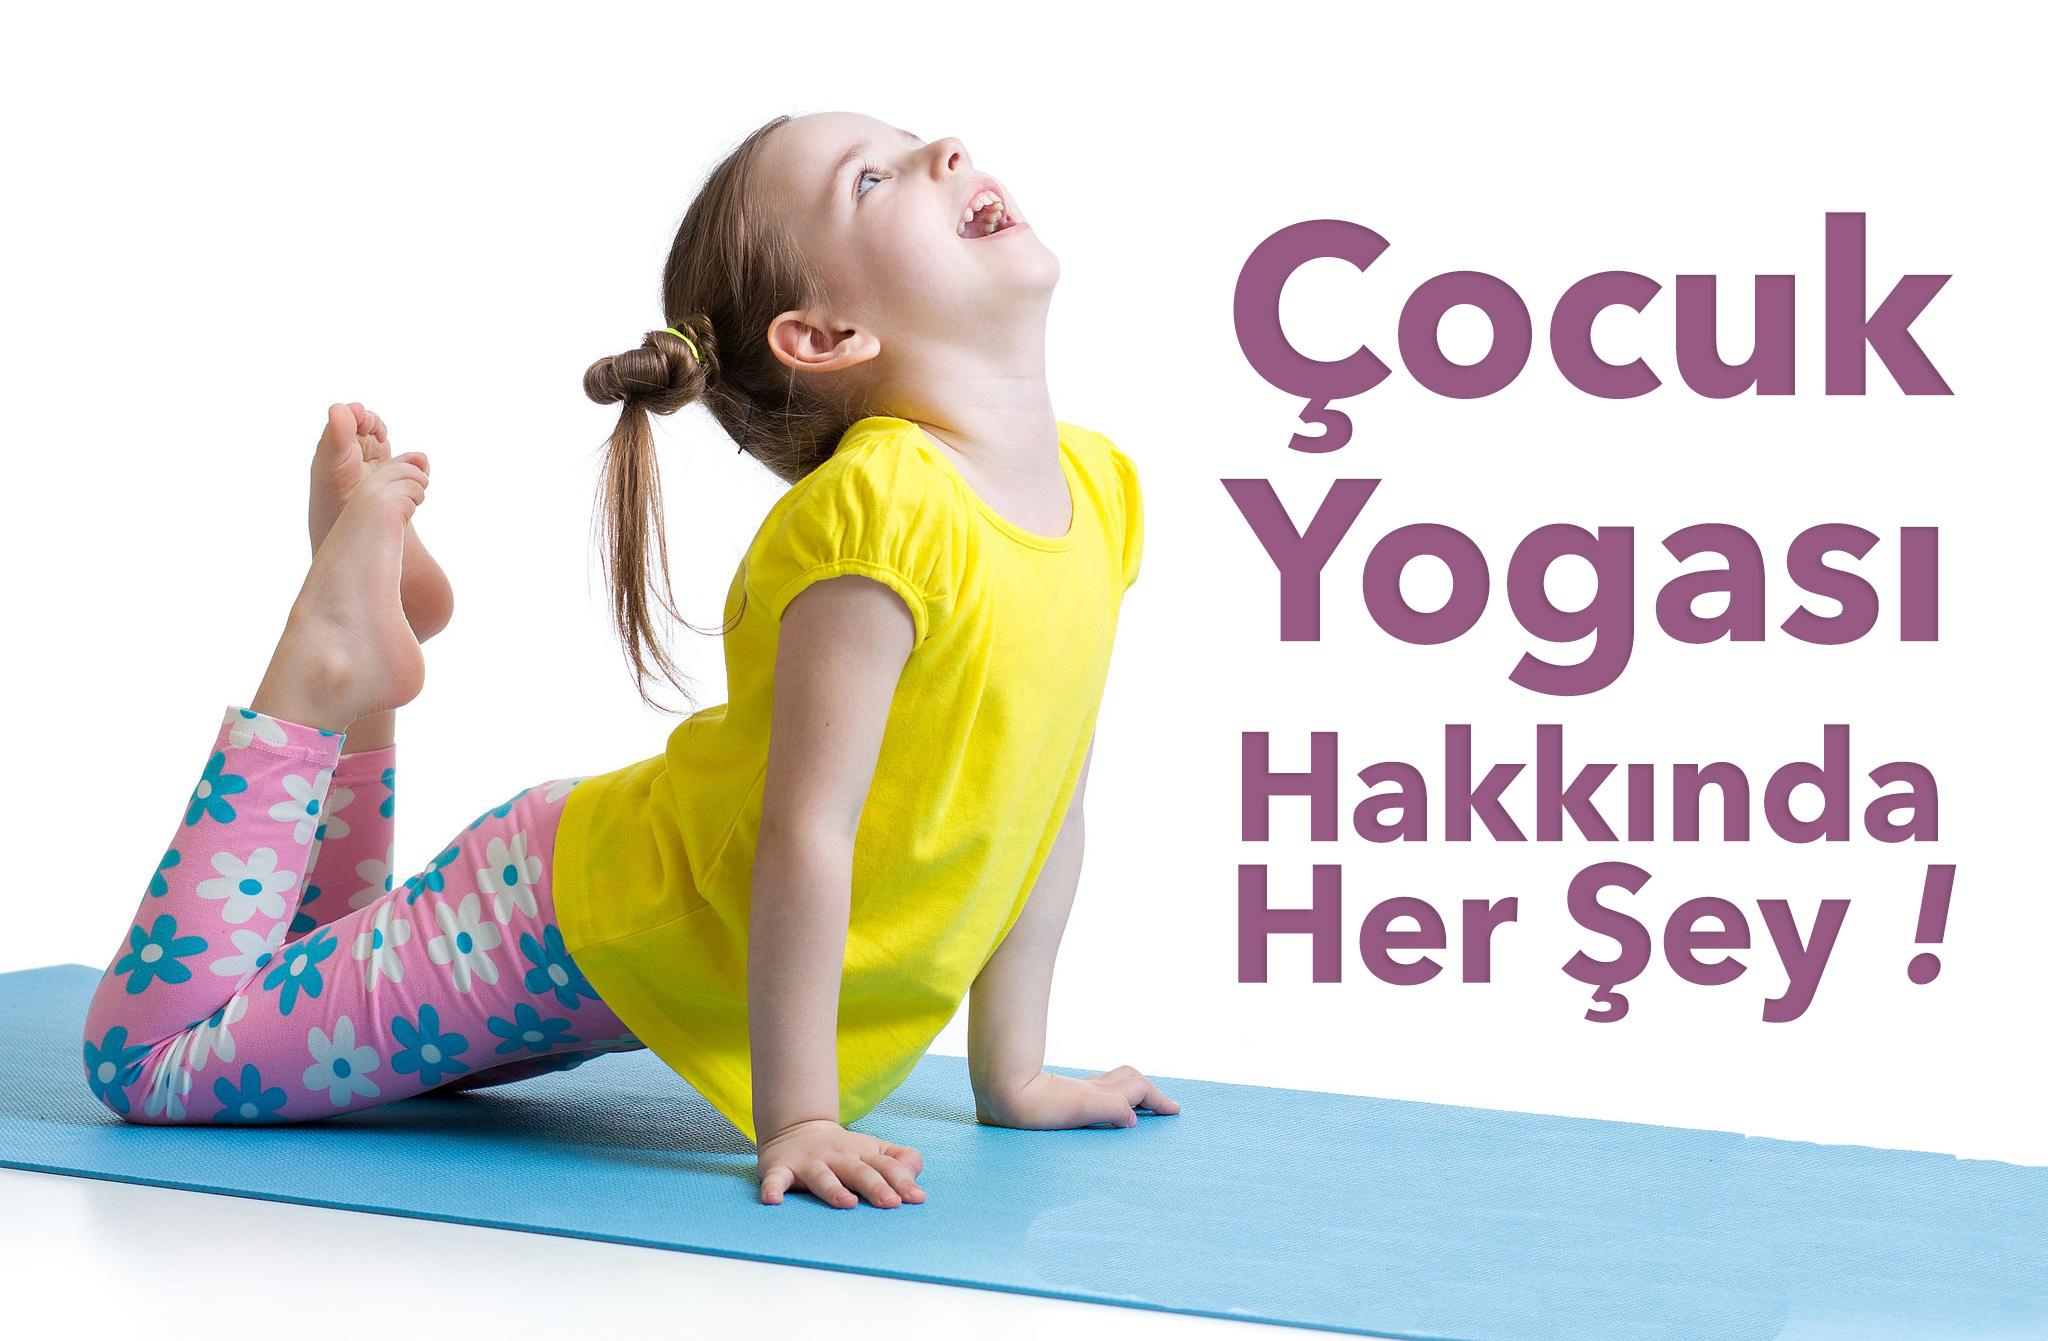 Çocuk Yogası Hakkında Her Şey!